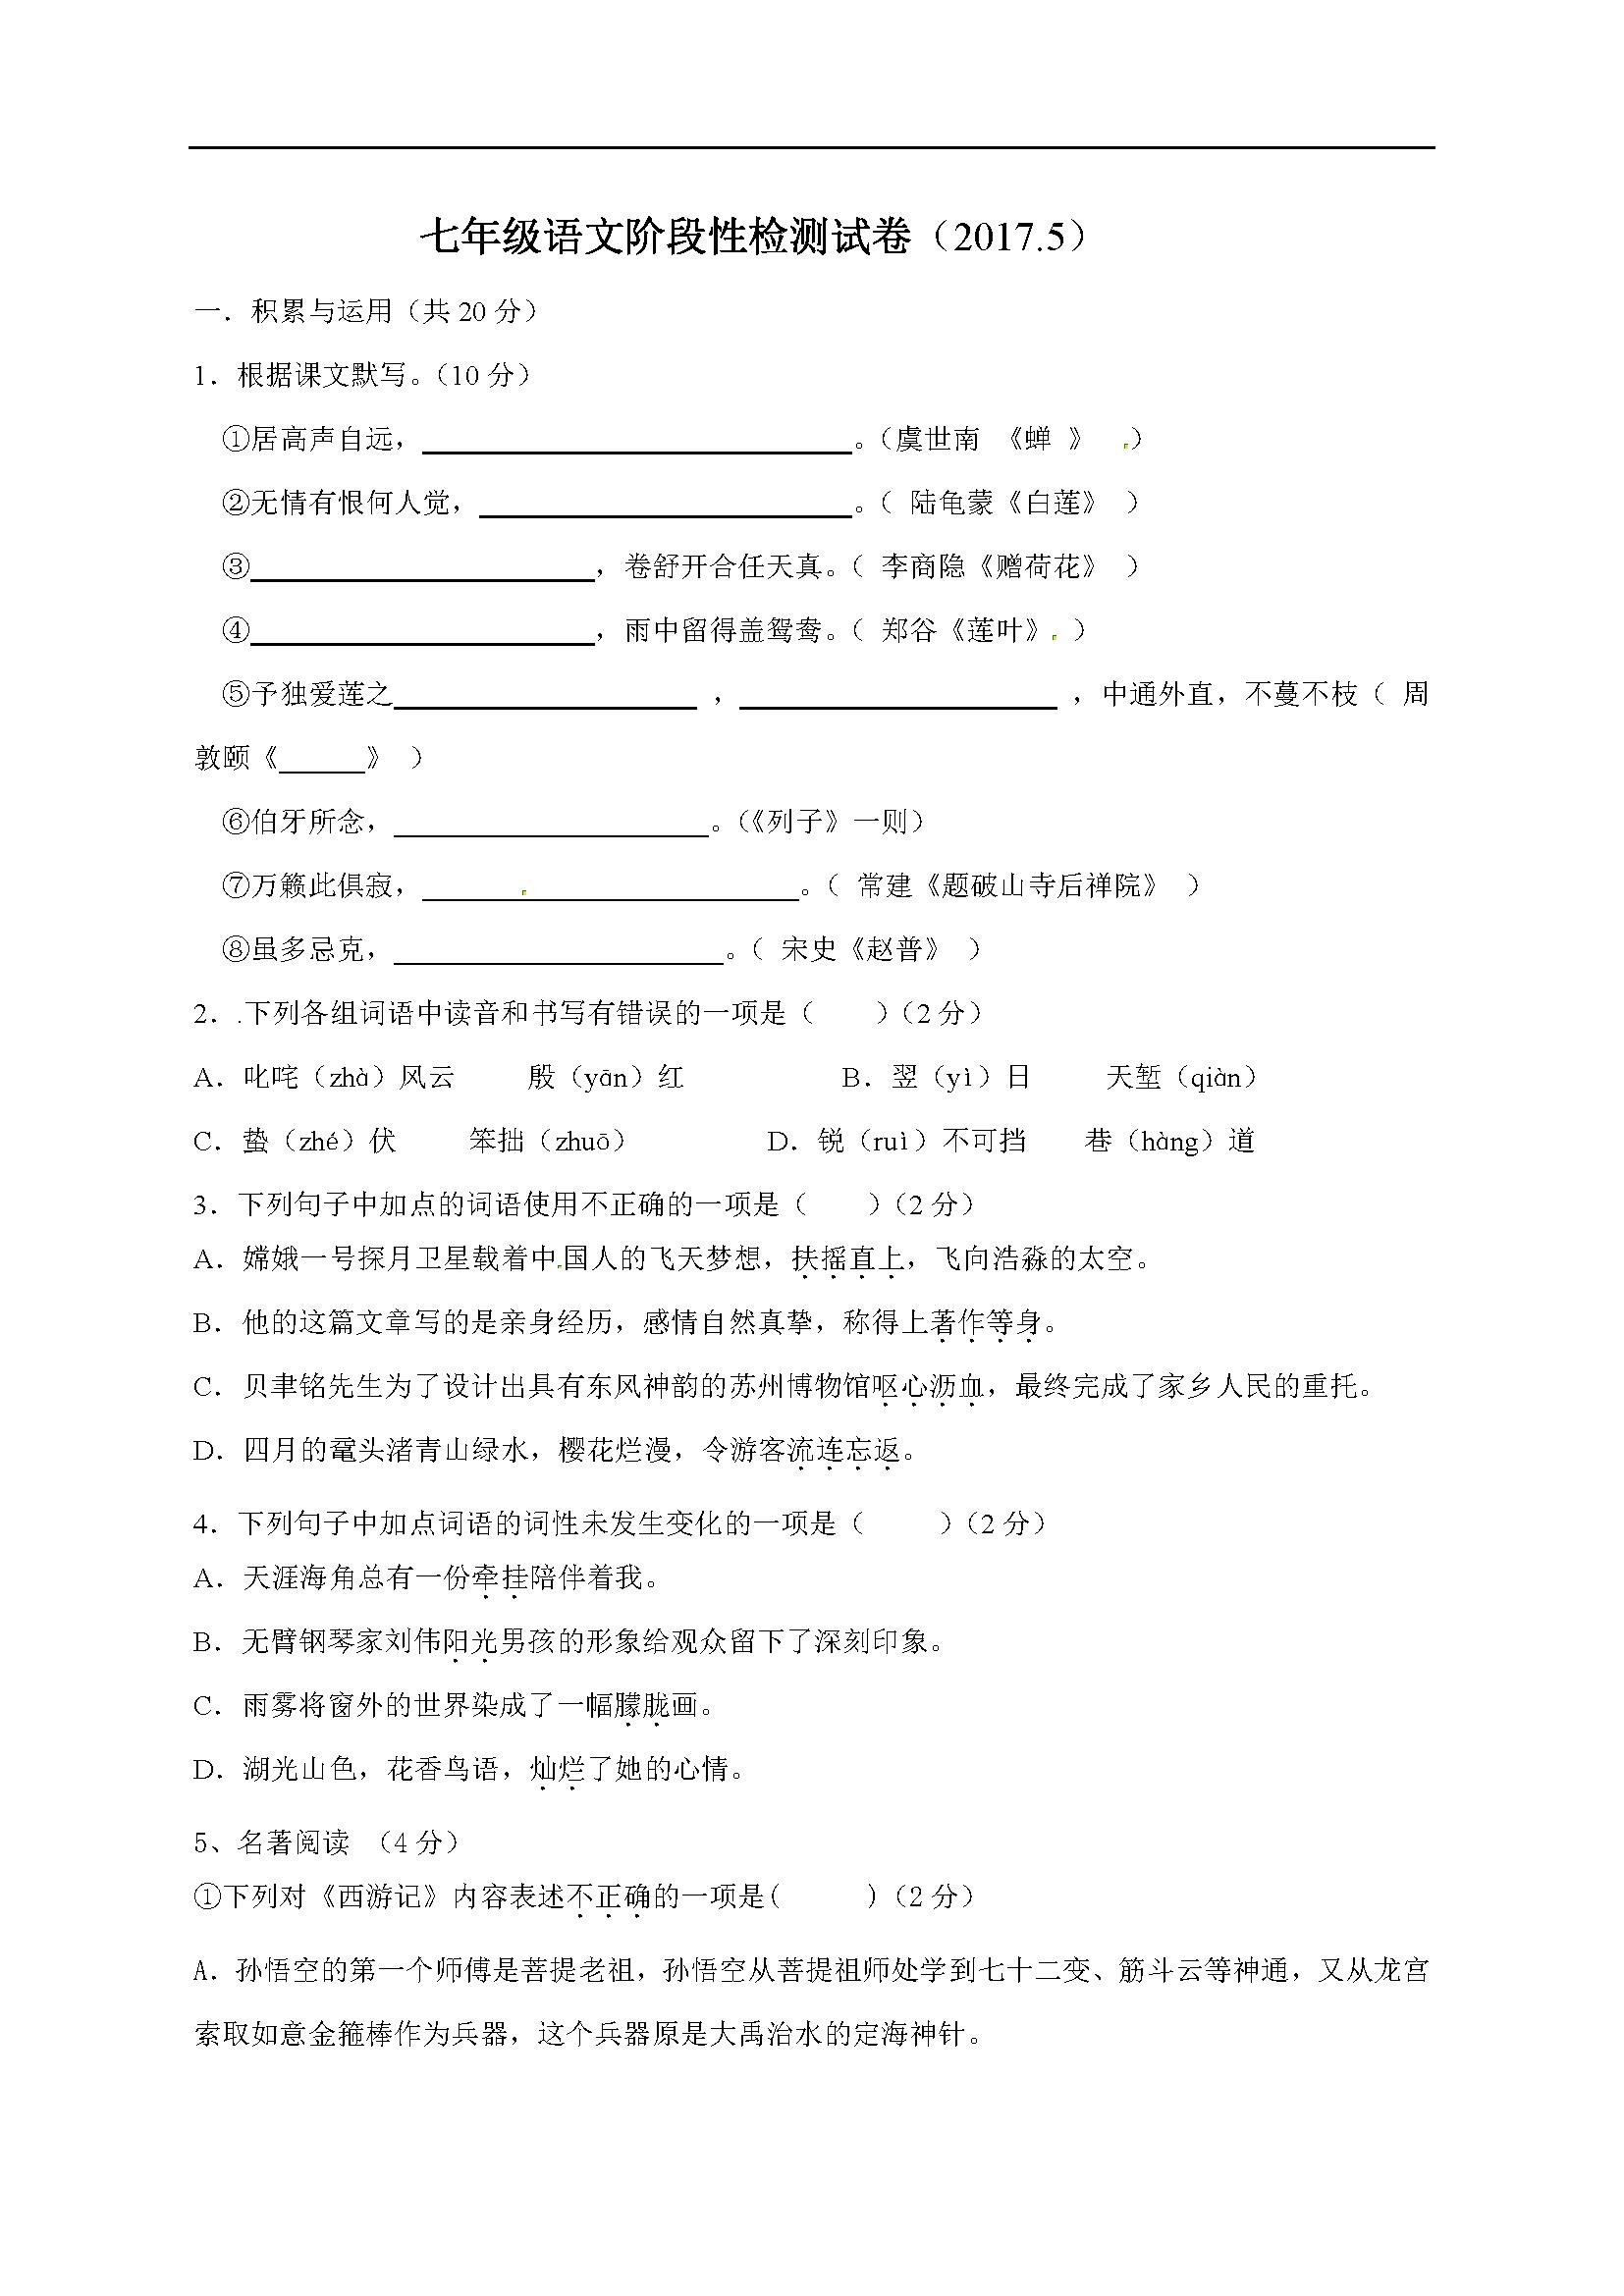 2017年江苏江阴璜塘中学七年级下第二次月考语文试题(图片版)